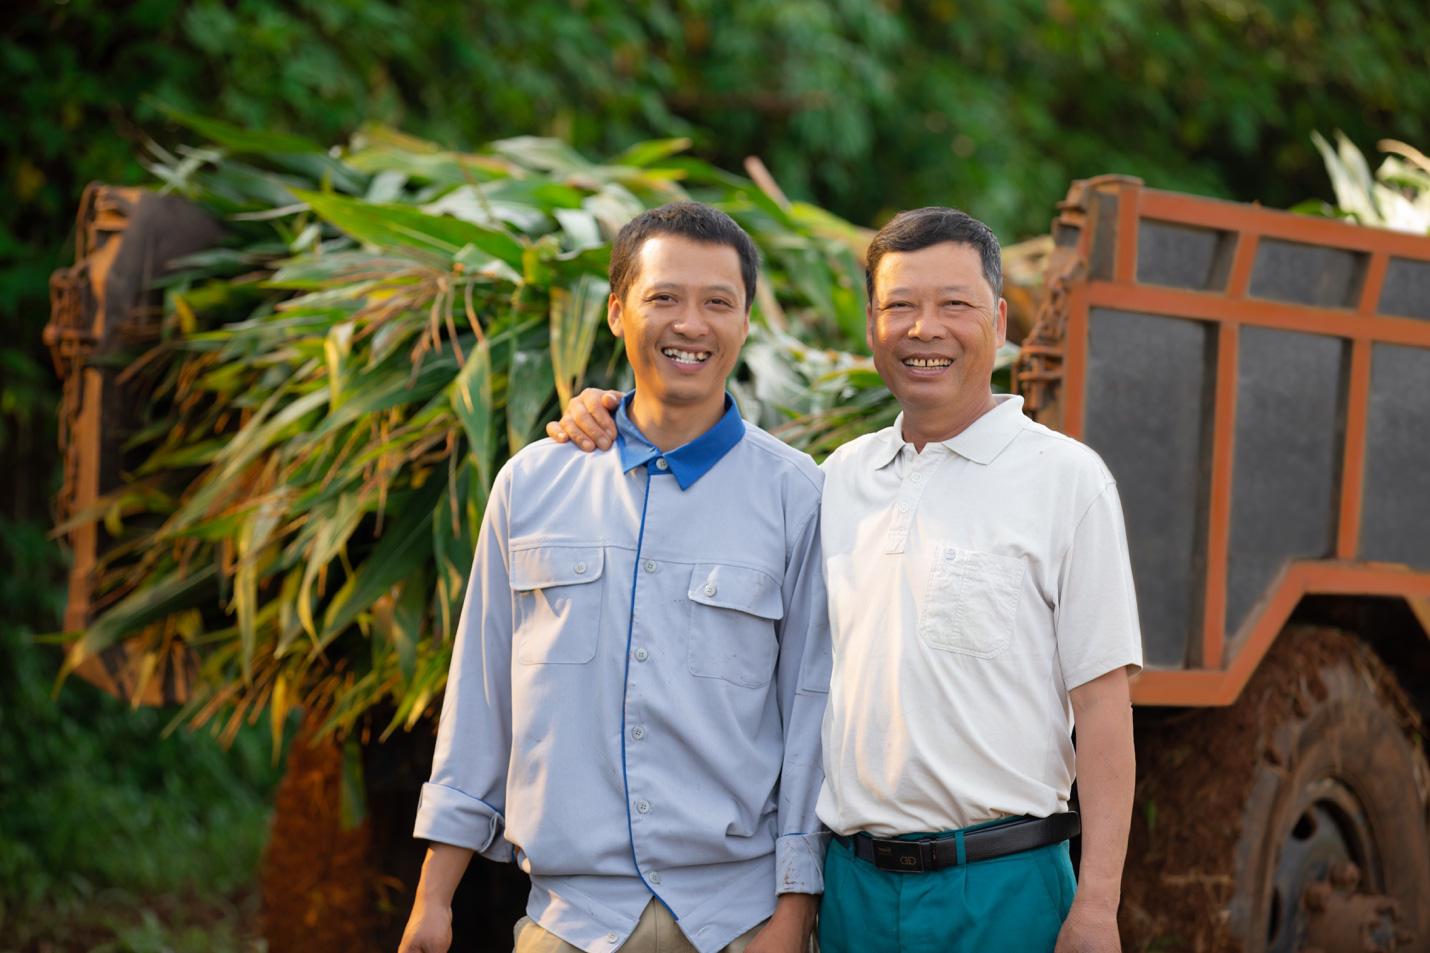 Theo chân nhiếp ảnh gia nổi tiếng: Bất ngờ trước nỗ lực sản xuất dòng sữa chuẩn Hà Lan của nhiều thế hệ nông dân Việt - Ảnh 2.